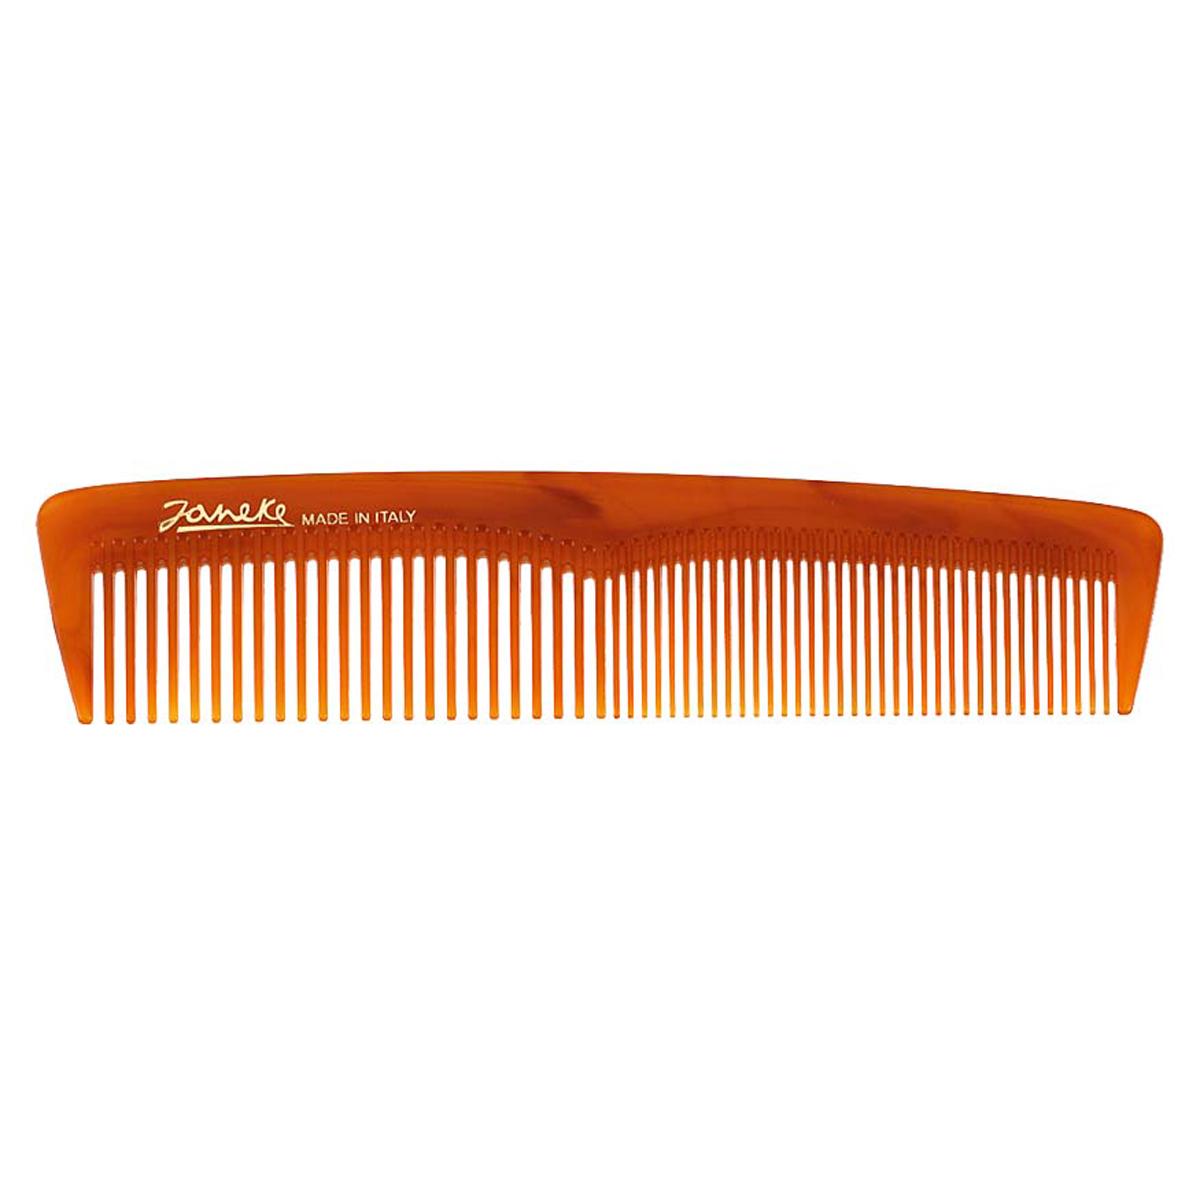 Janeke Расческа для волос в упаковке, 78813Satin Hair 7 BR730MNМарка Janeke – мировой лидер по производству расчесок, щеток, маникюрных принадлежностей, зеркал и косметичек. Марка Janeke, основанная в 1830 году, вот уже почти 180 лет поддерживает непревзойденное качество своей продукции, сочетая новейшие технологии с традициями ста- рых миланских мастеров. Все изделия на 80% производятся вручную, а инновационные технологии и современные материалы делают продукцию марки поистине уникальной. Стильный и эргономичный дизайн, яркие цветовые решения – все это приносит истин- ное удовольствие от использования аксессуаров Janeke. Пластиковая линия из высококачественного сырья, большое разнообразие моделей и цветов, кончик расчески специально закруглен, чтобы предотвратить разрыв волоса